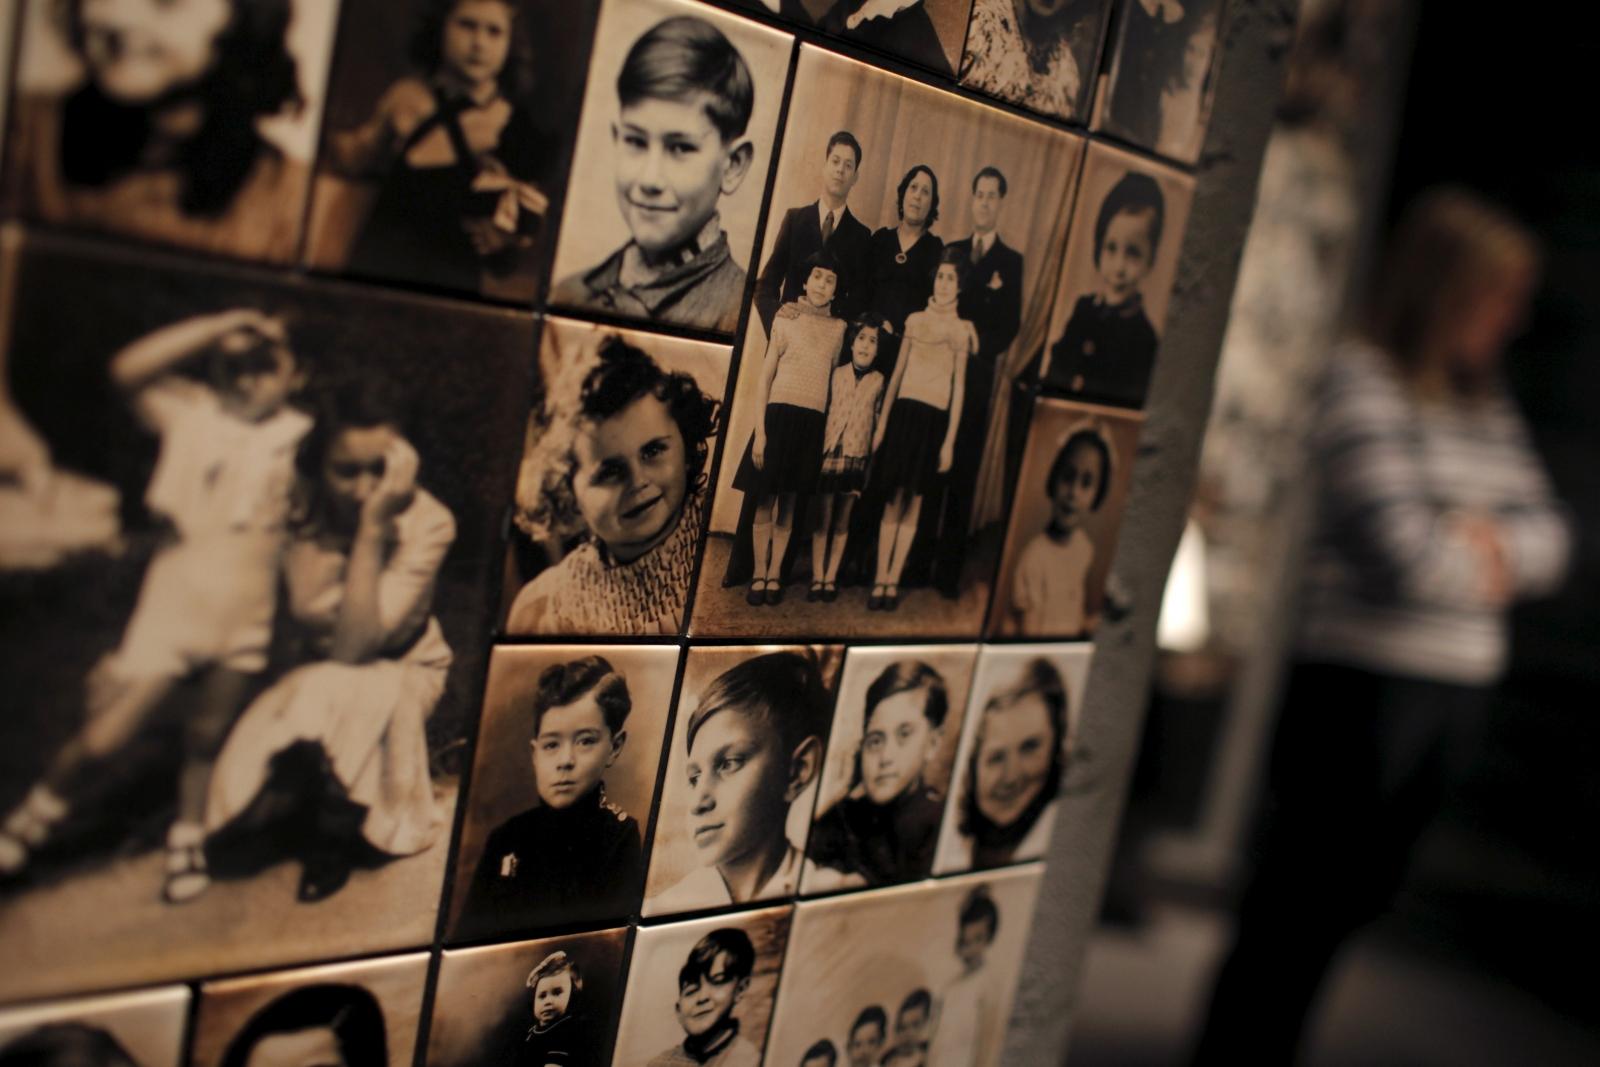 HOLOCAUST/MEMORIAL